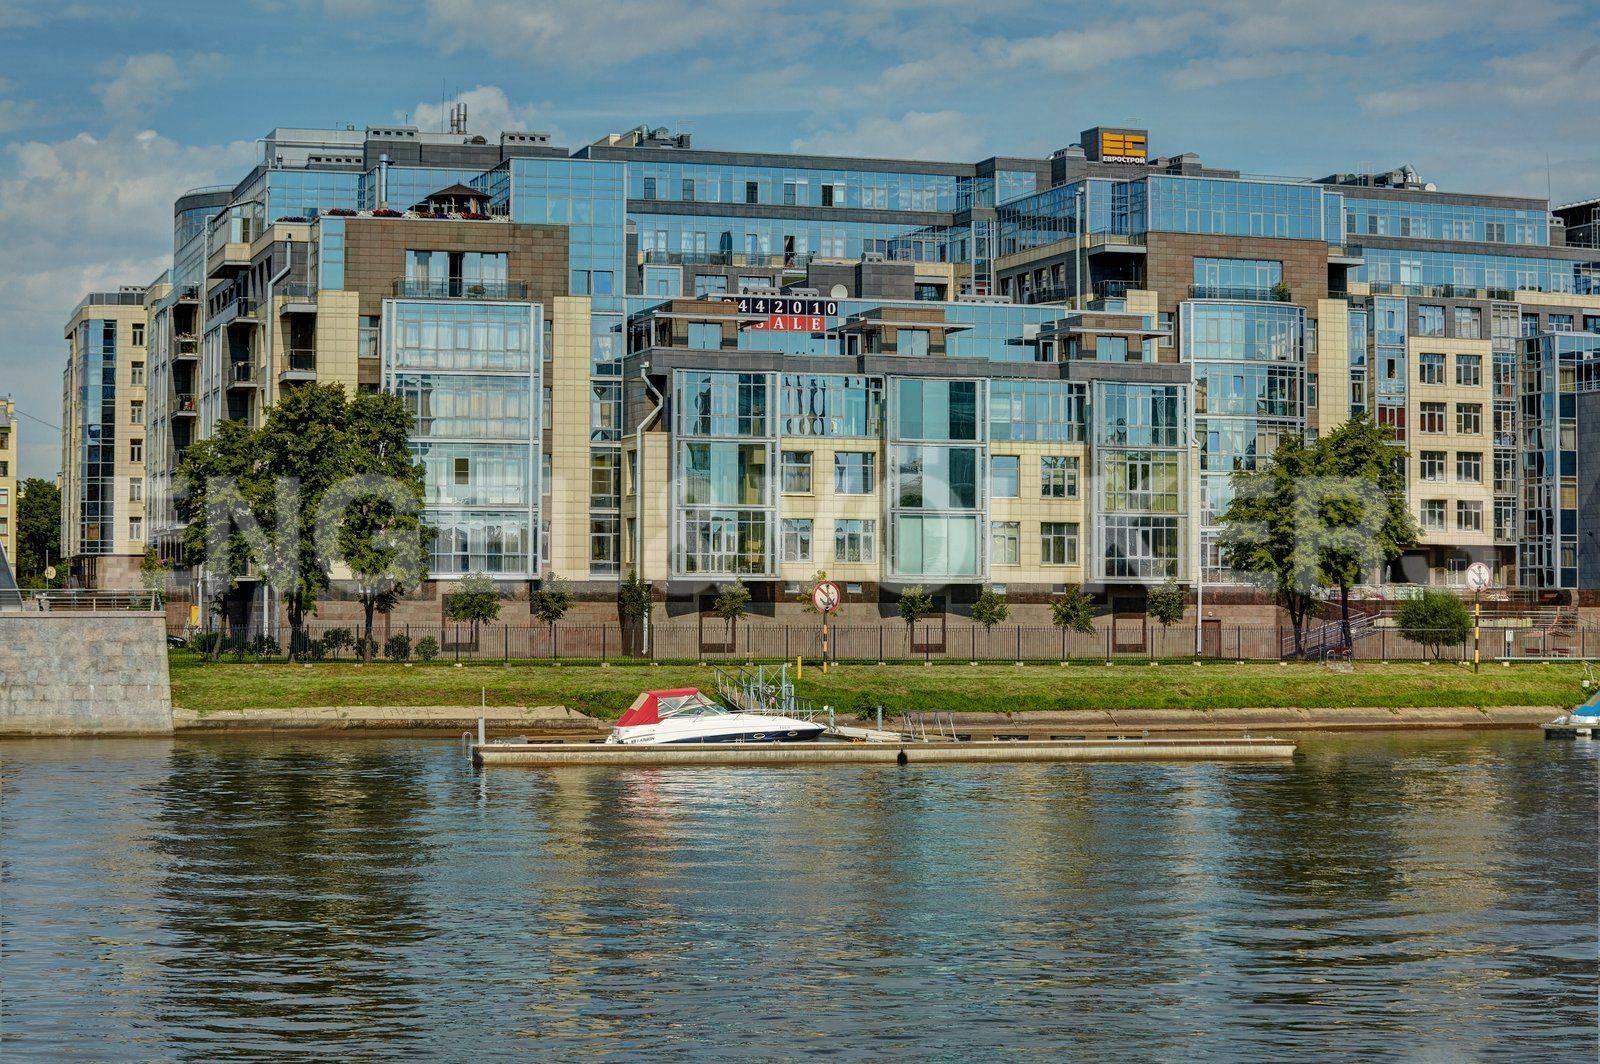 Элитные квартиры на . Санкт-Петербург, Вязовая, 10. Южный фасад комплекса, вид с М. Невки